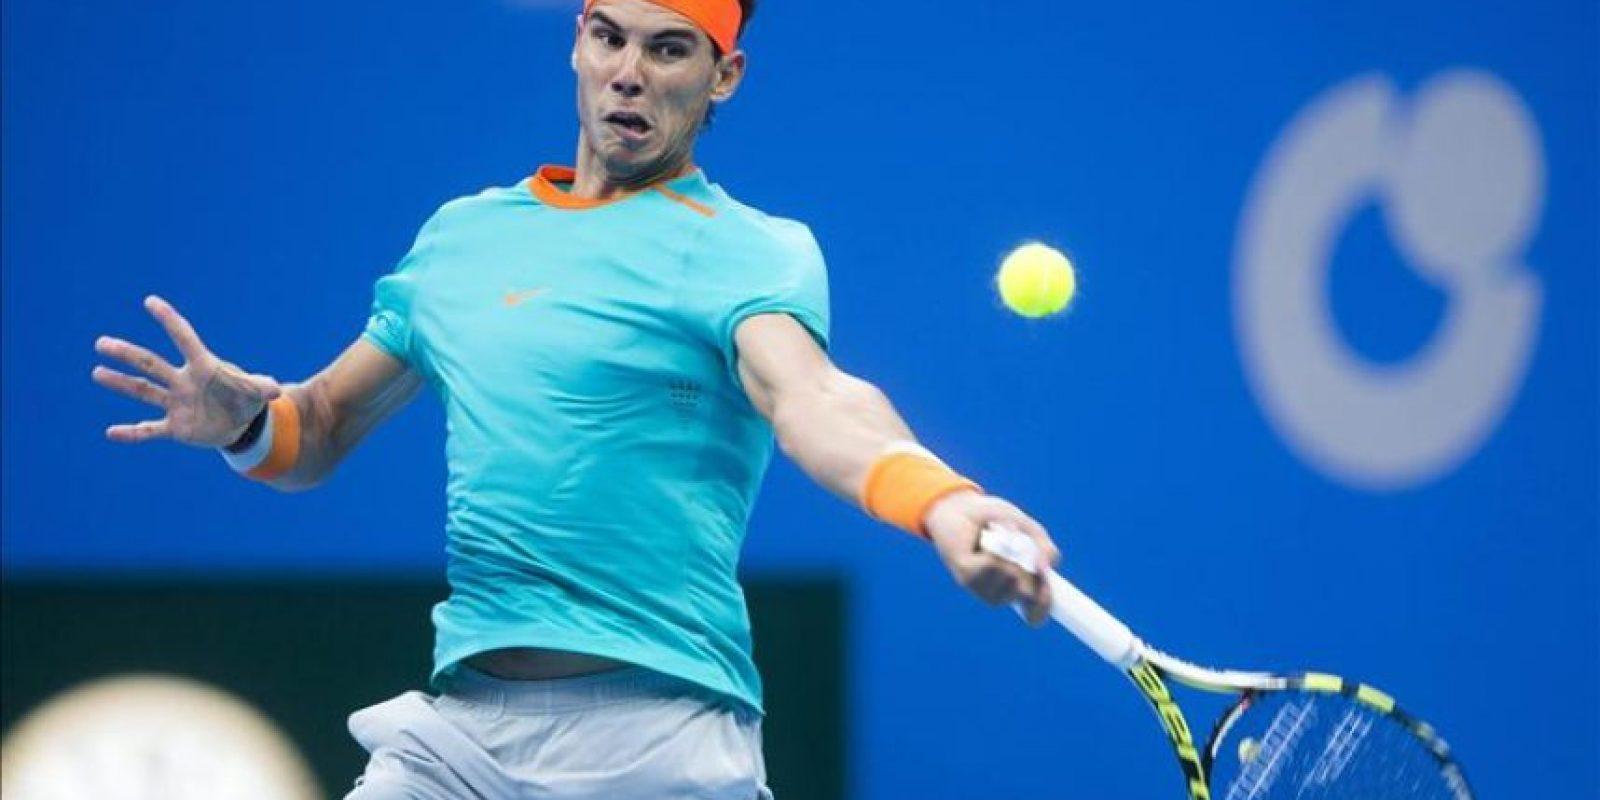 El tenista español Rafael Nadal devuelve la bola al alemán Peter Gojowczyk durante su partido de segunda ronda del torneo de tenis de Pekín (China) hoy, jueves 2 de octubre de 2014. EFE